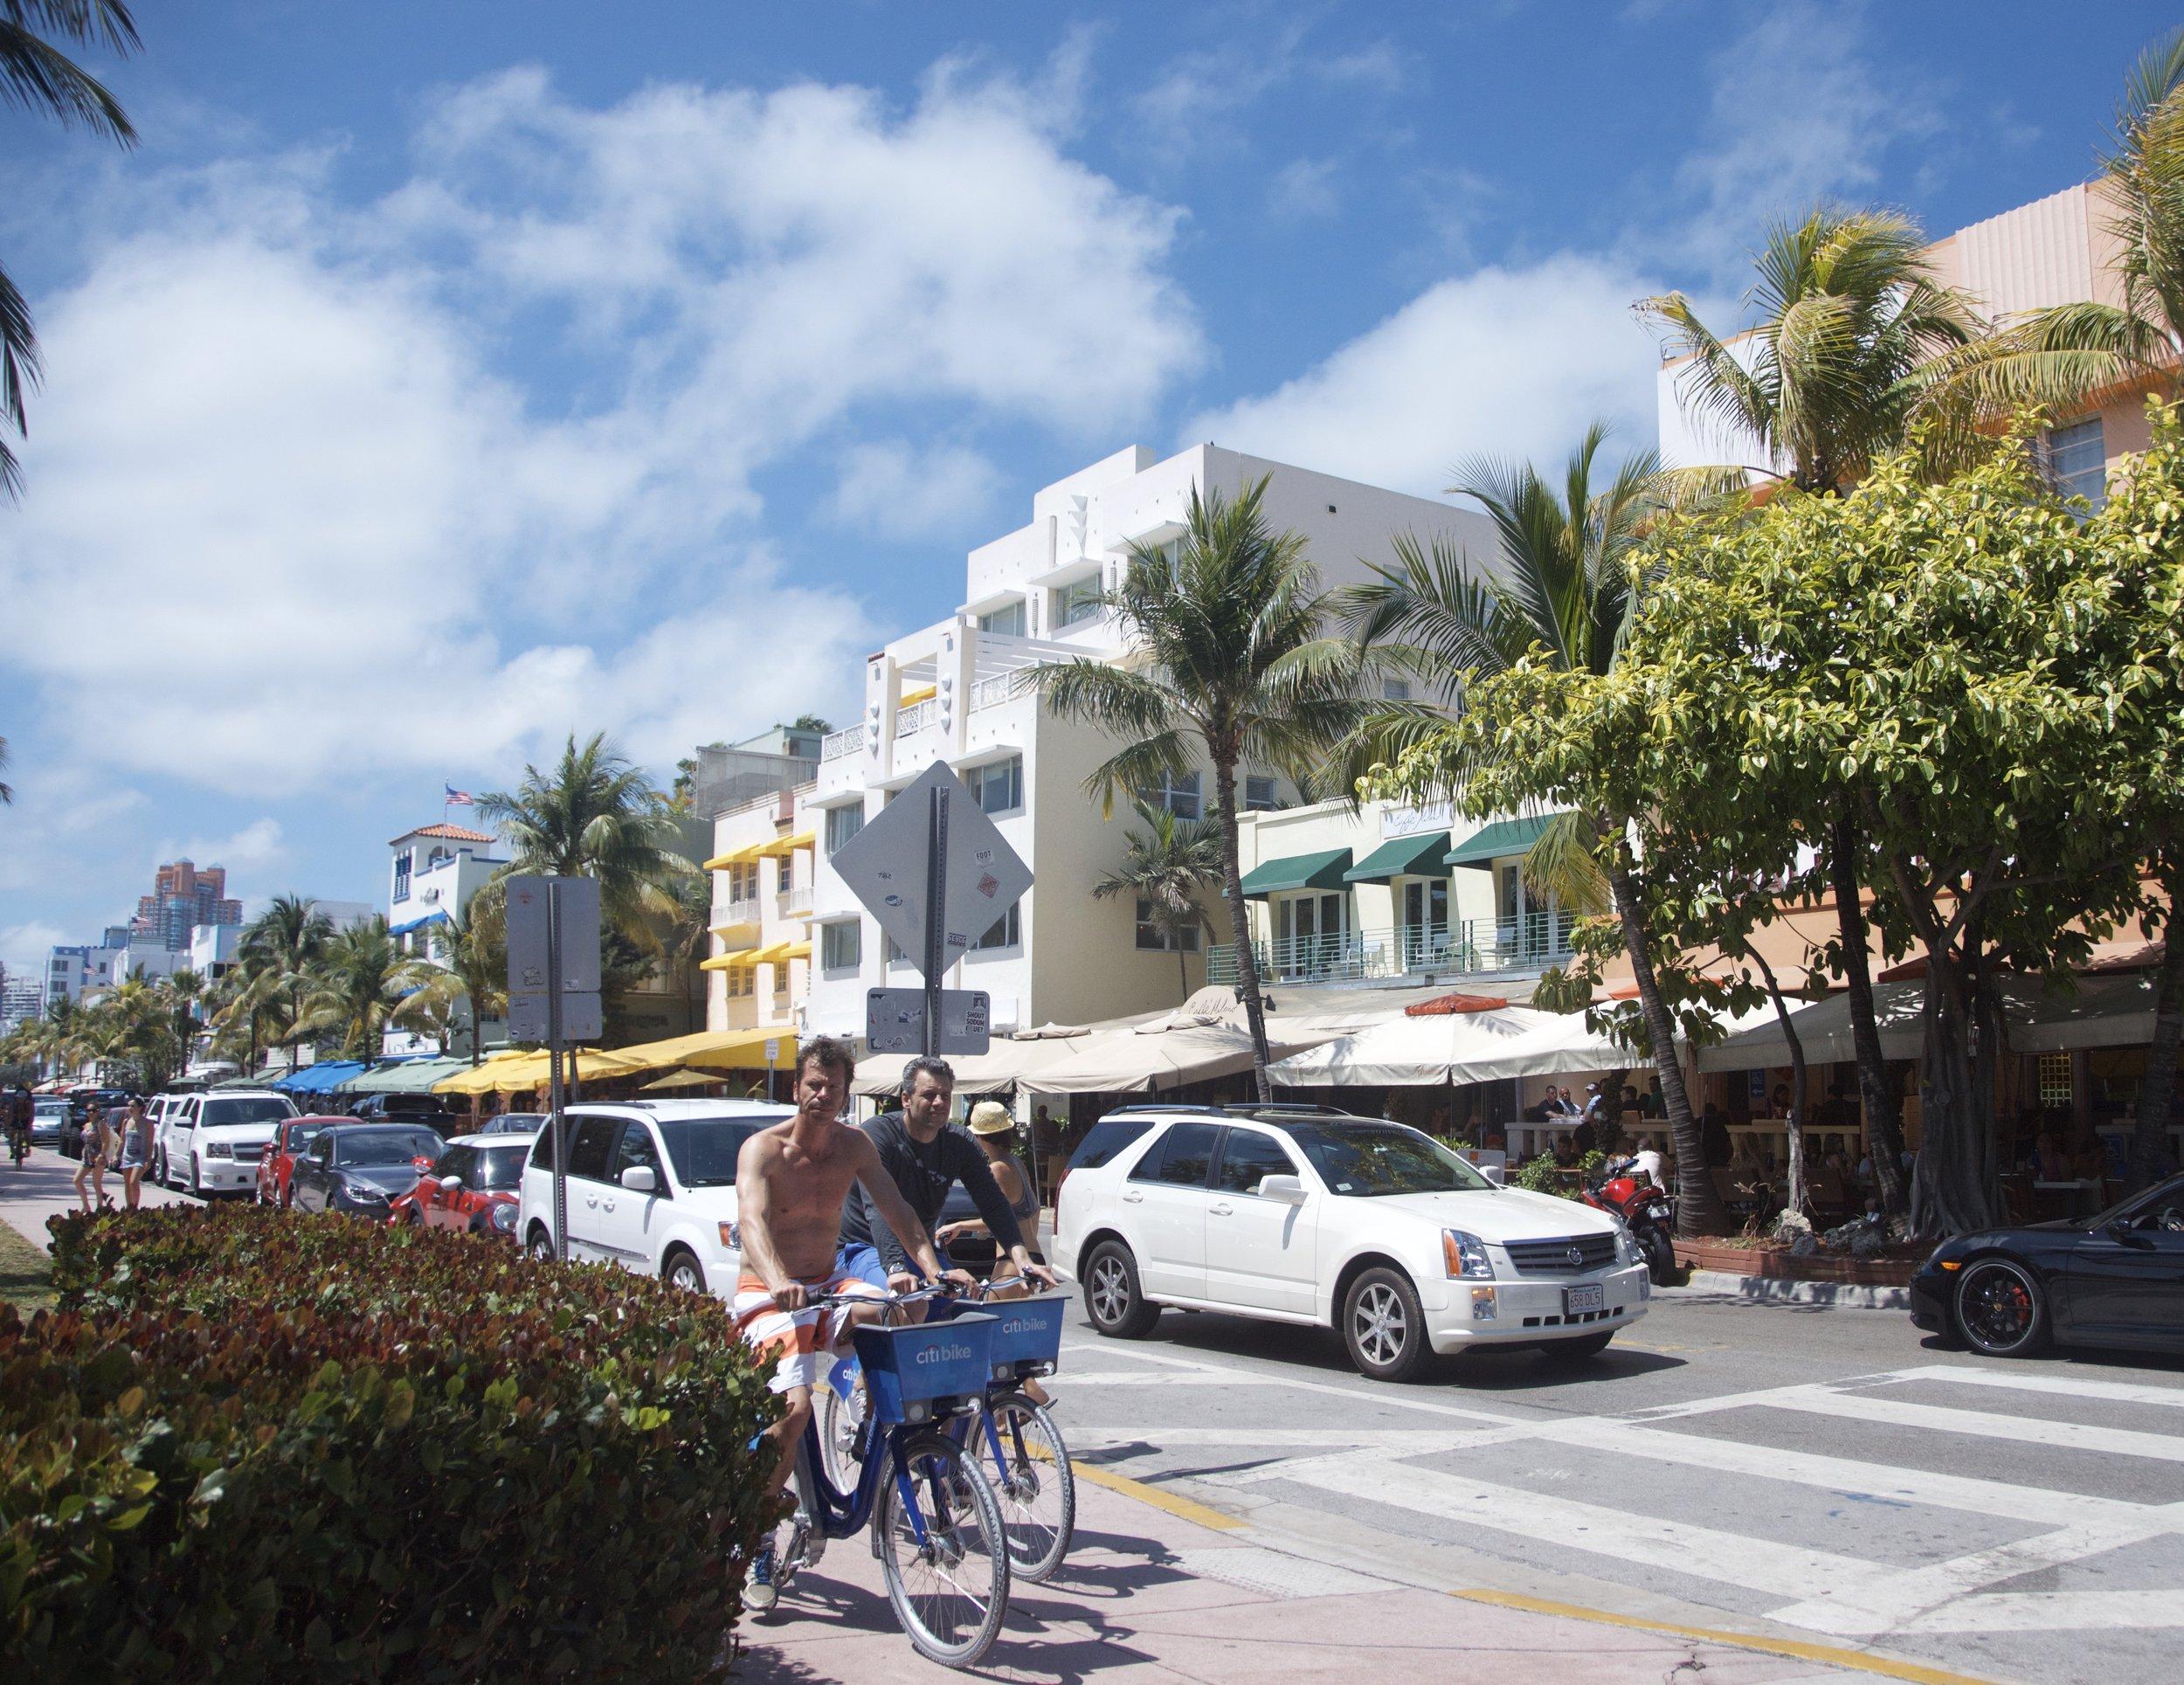 Biking around Ocean Drive